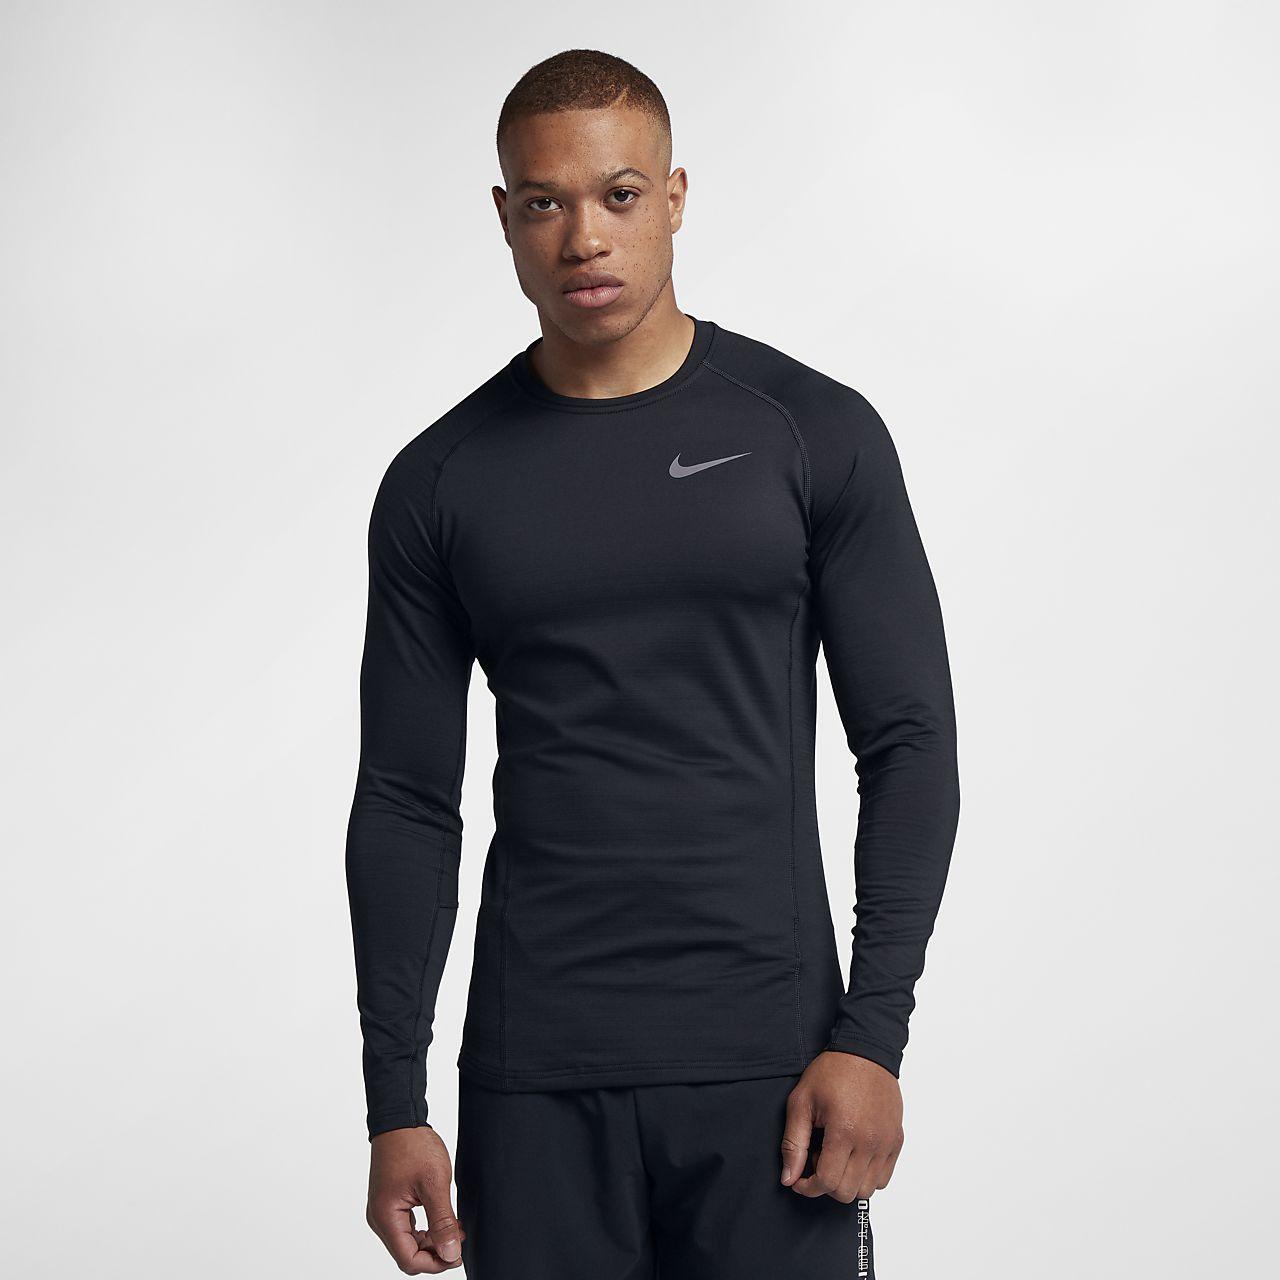 Nike Pro Warm Camiseta de entrenamiento de manga larga - Hombre